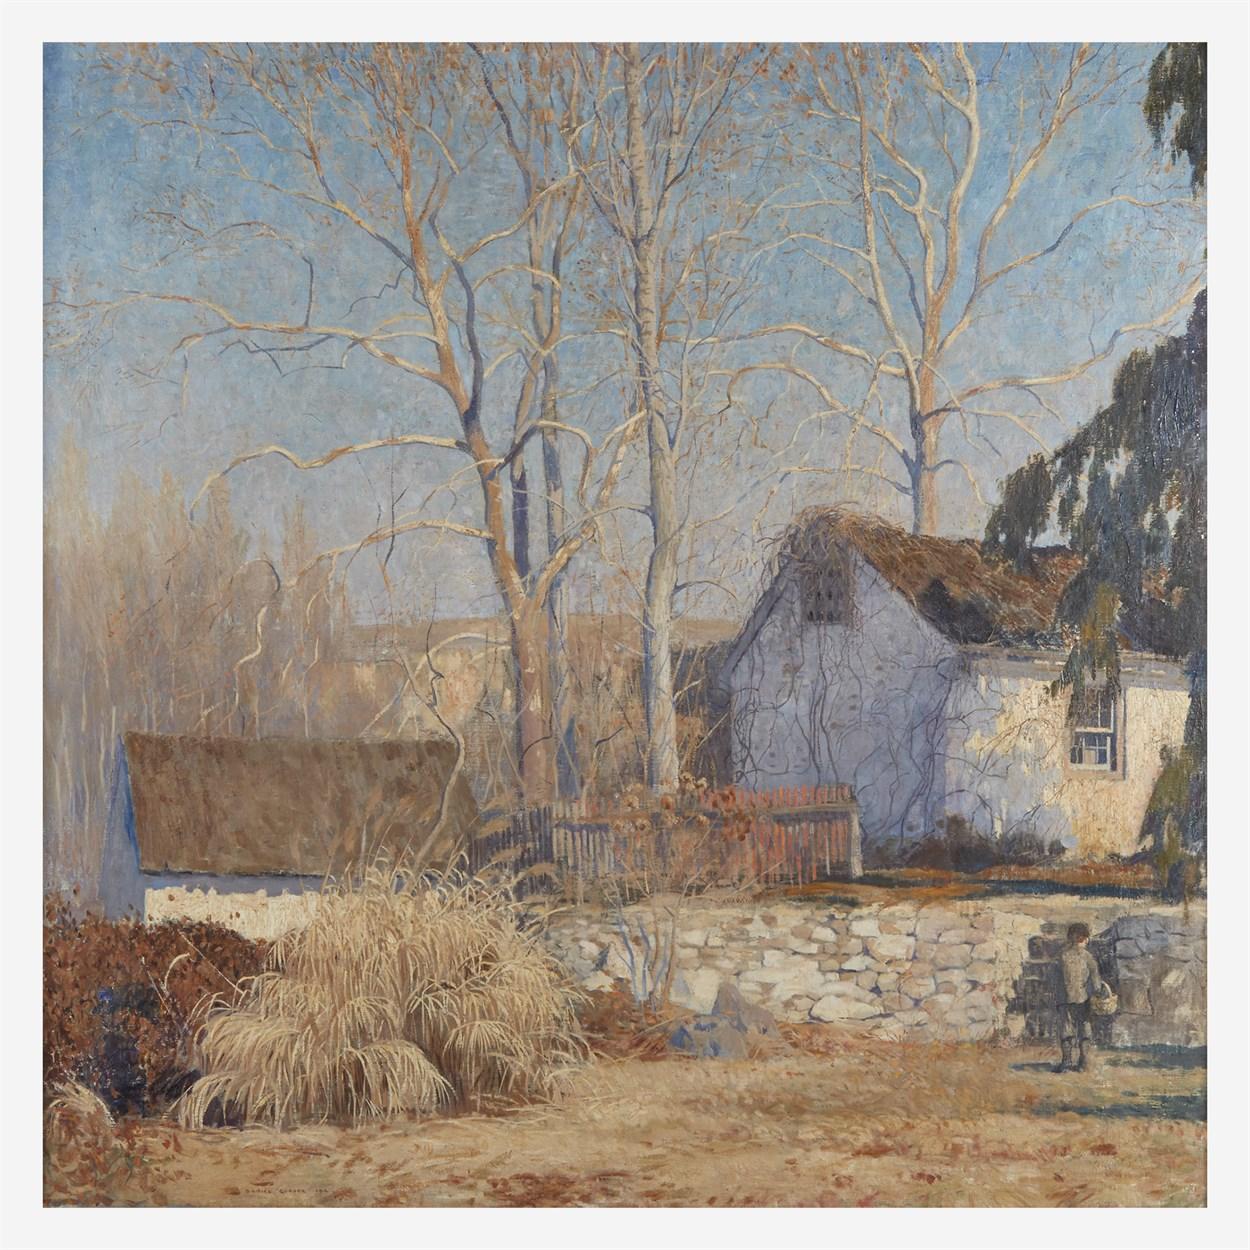 Lot 95 - Daniel Garber (American, 1880–1958)